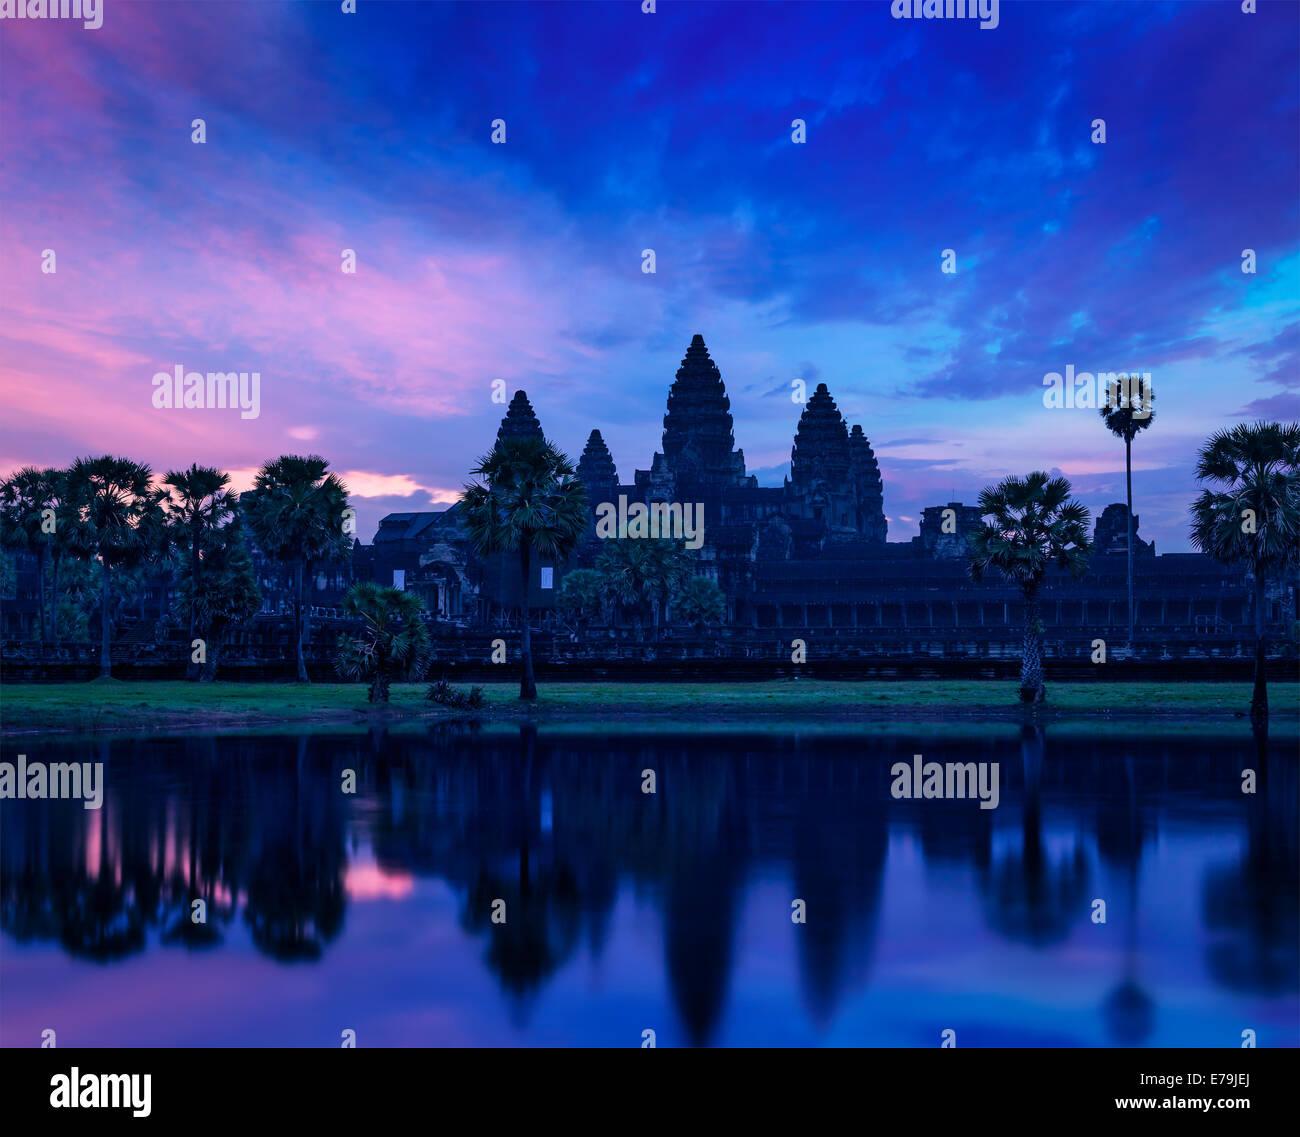 Angkor Wat famous Cambodian landmark on sunrise - Stock Image